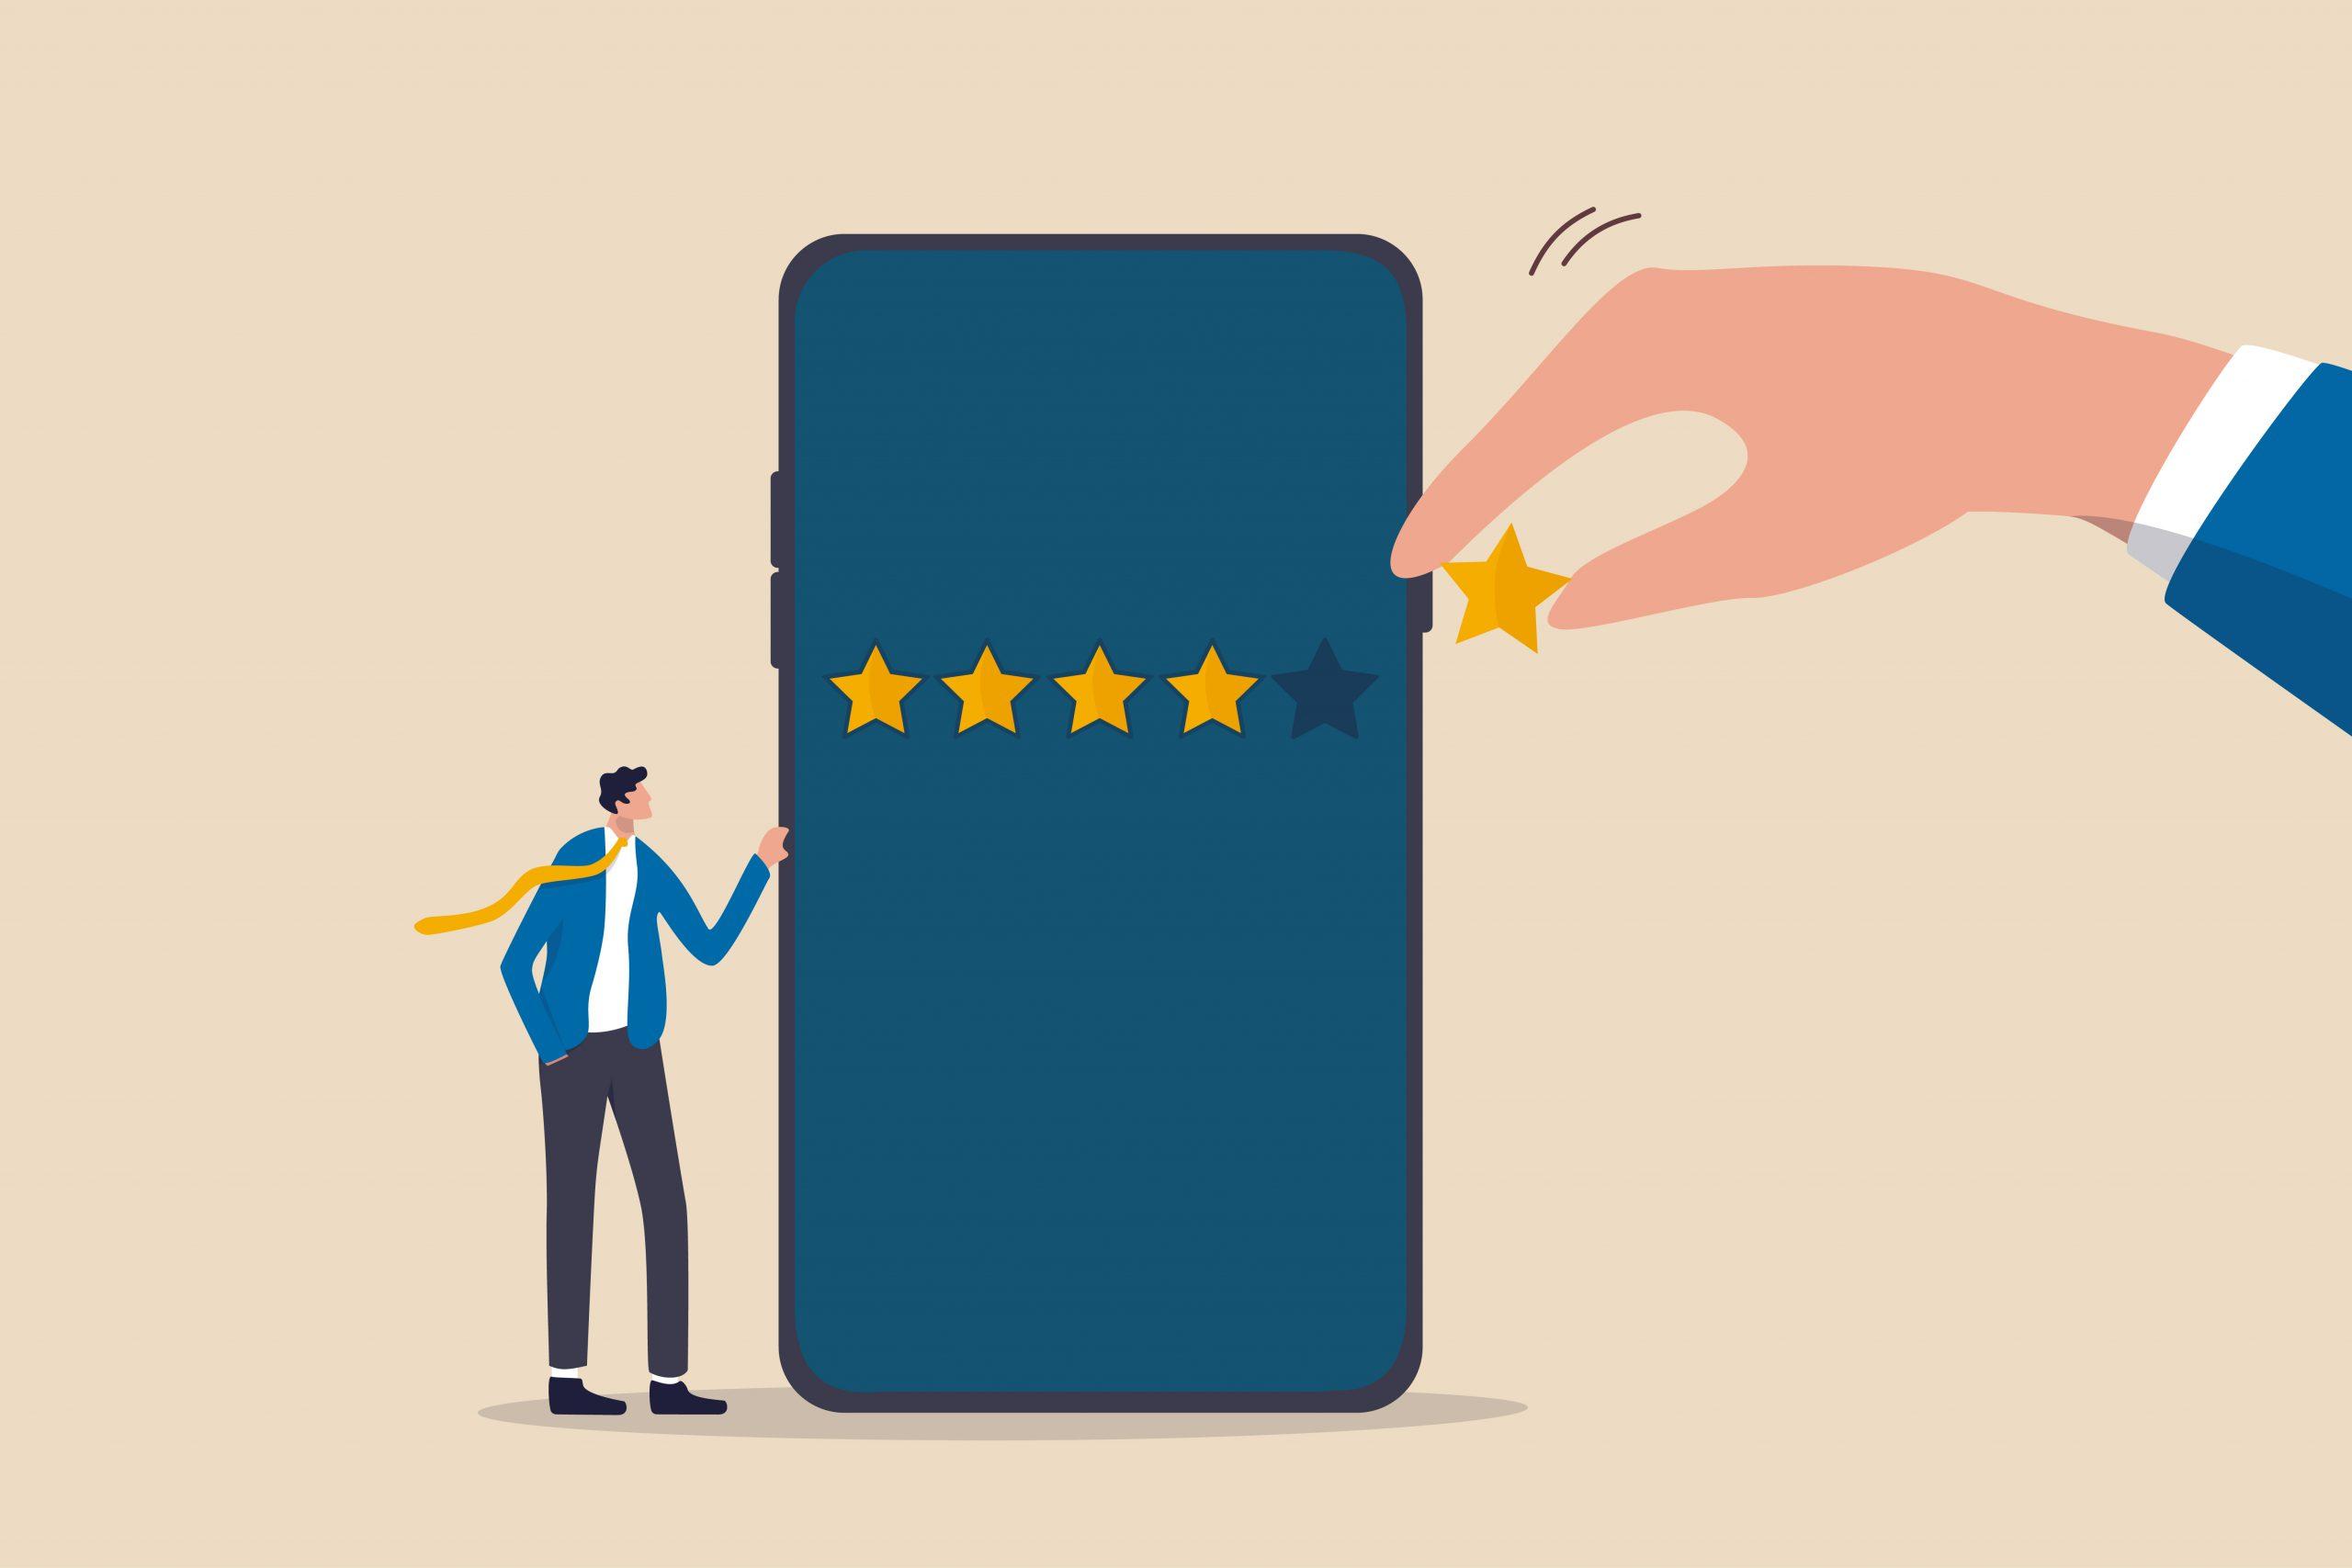 顧客体験価値とは? 顧客体験価値の向上によりECサイトの売上拡大を実現させるためのポイントを解説